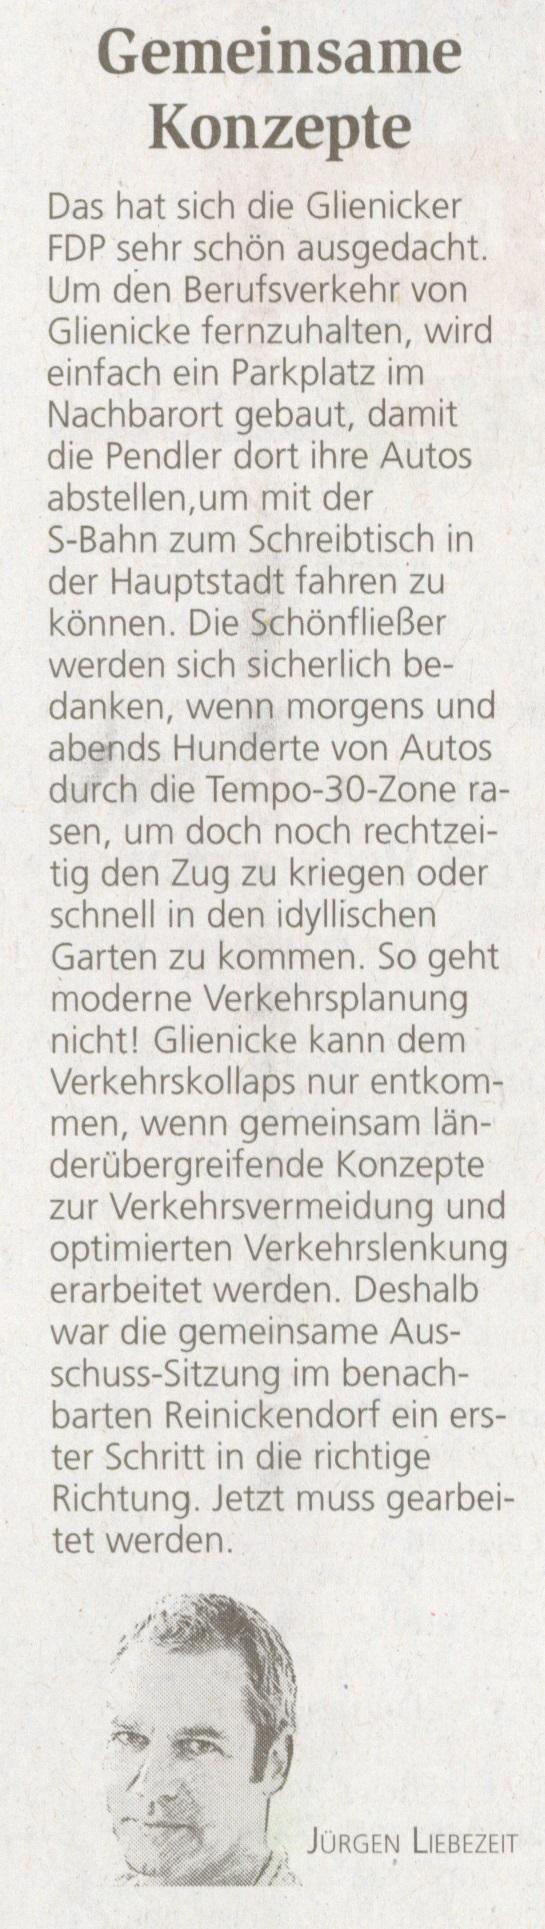 Kommentar Jürgen Liebezeit, Oranienburger Generalanzeiger 24.04.2015